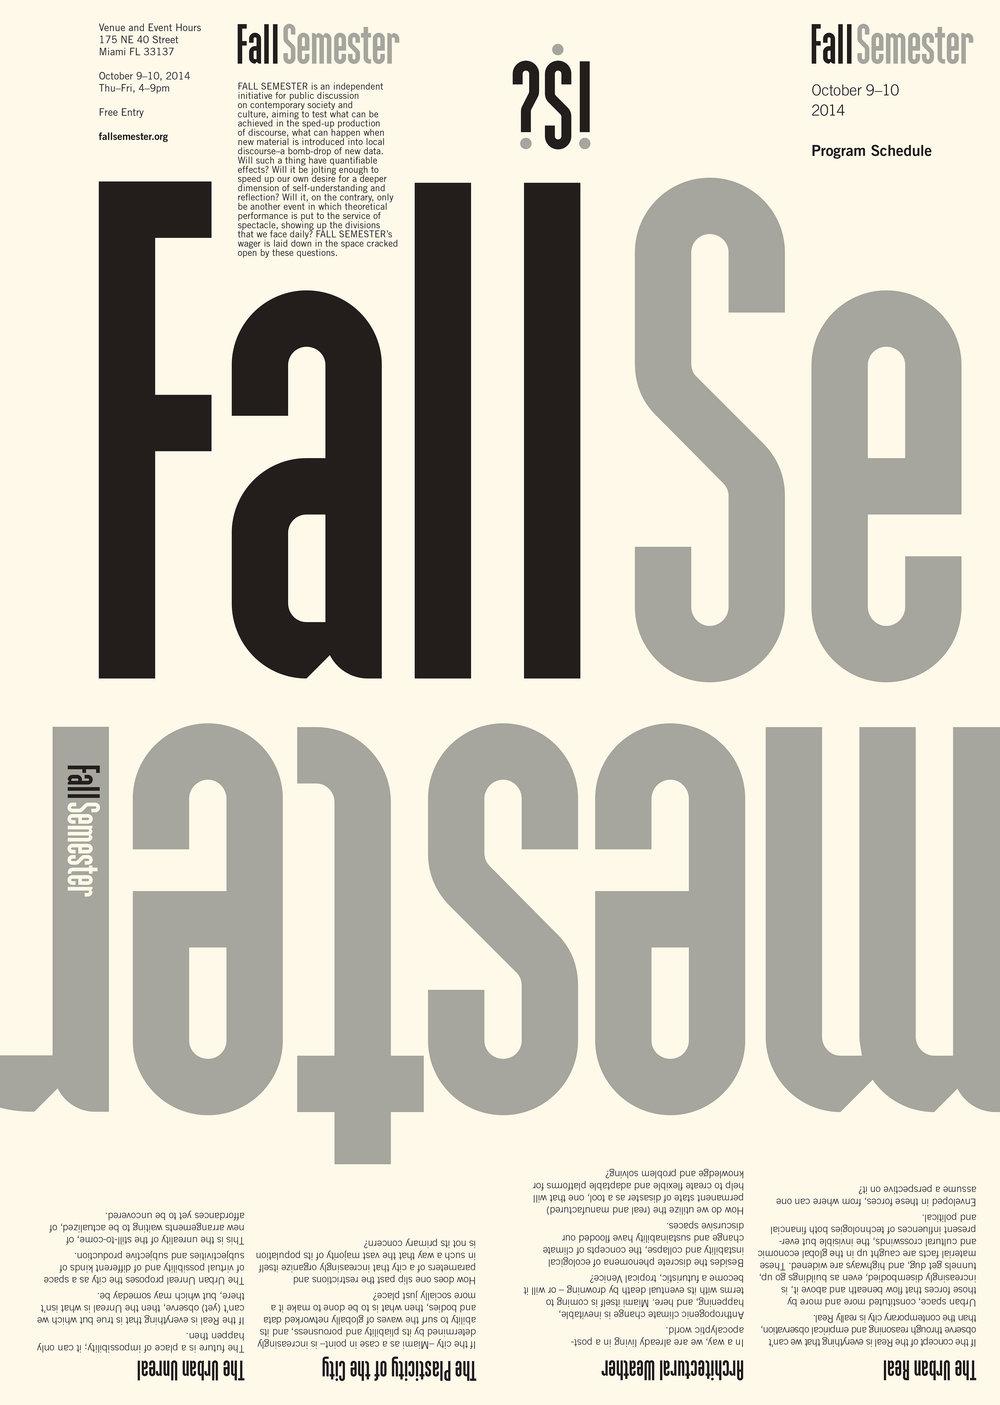 Paper_Fall_Semester-1.jpg